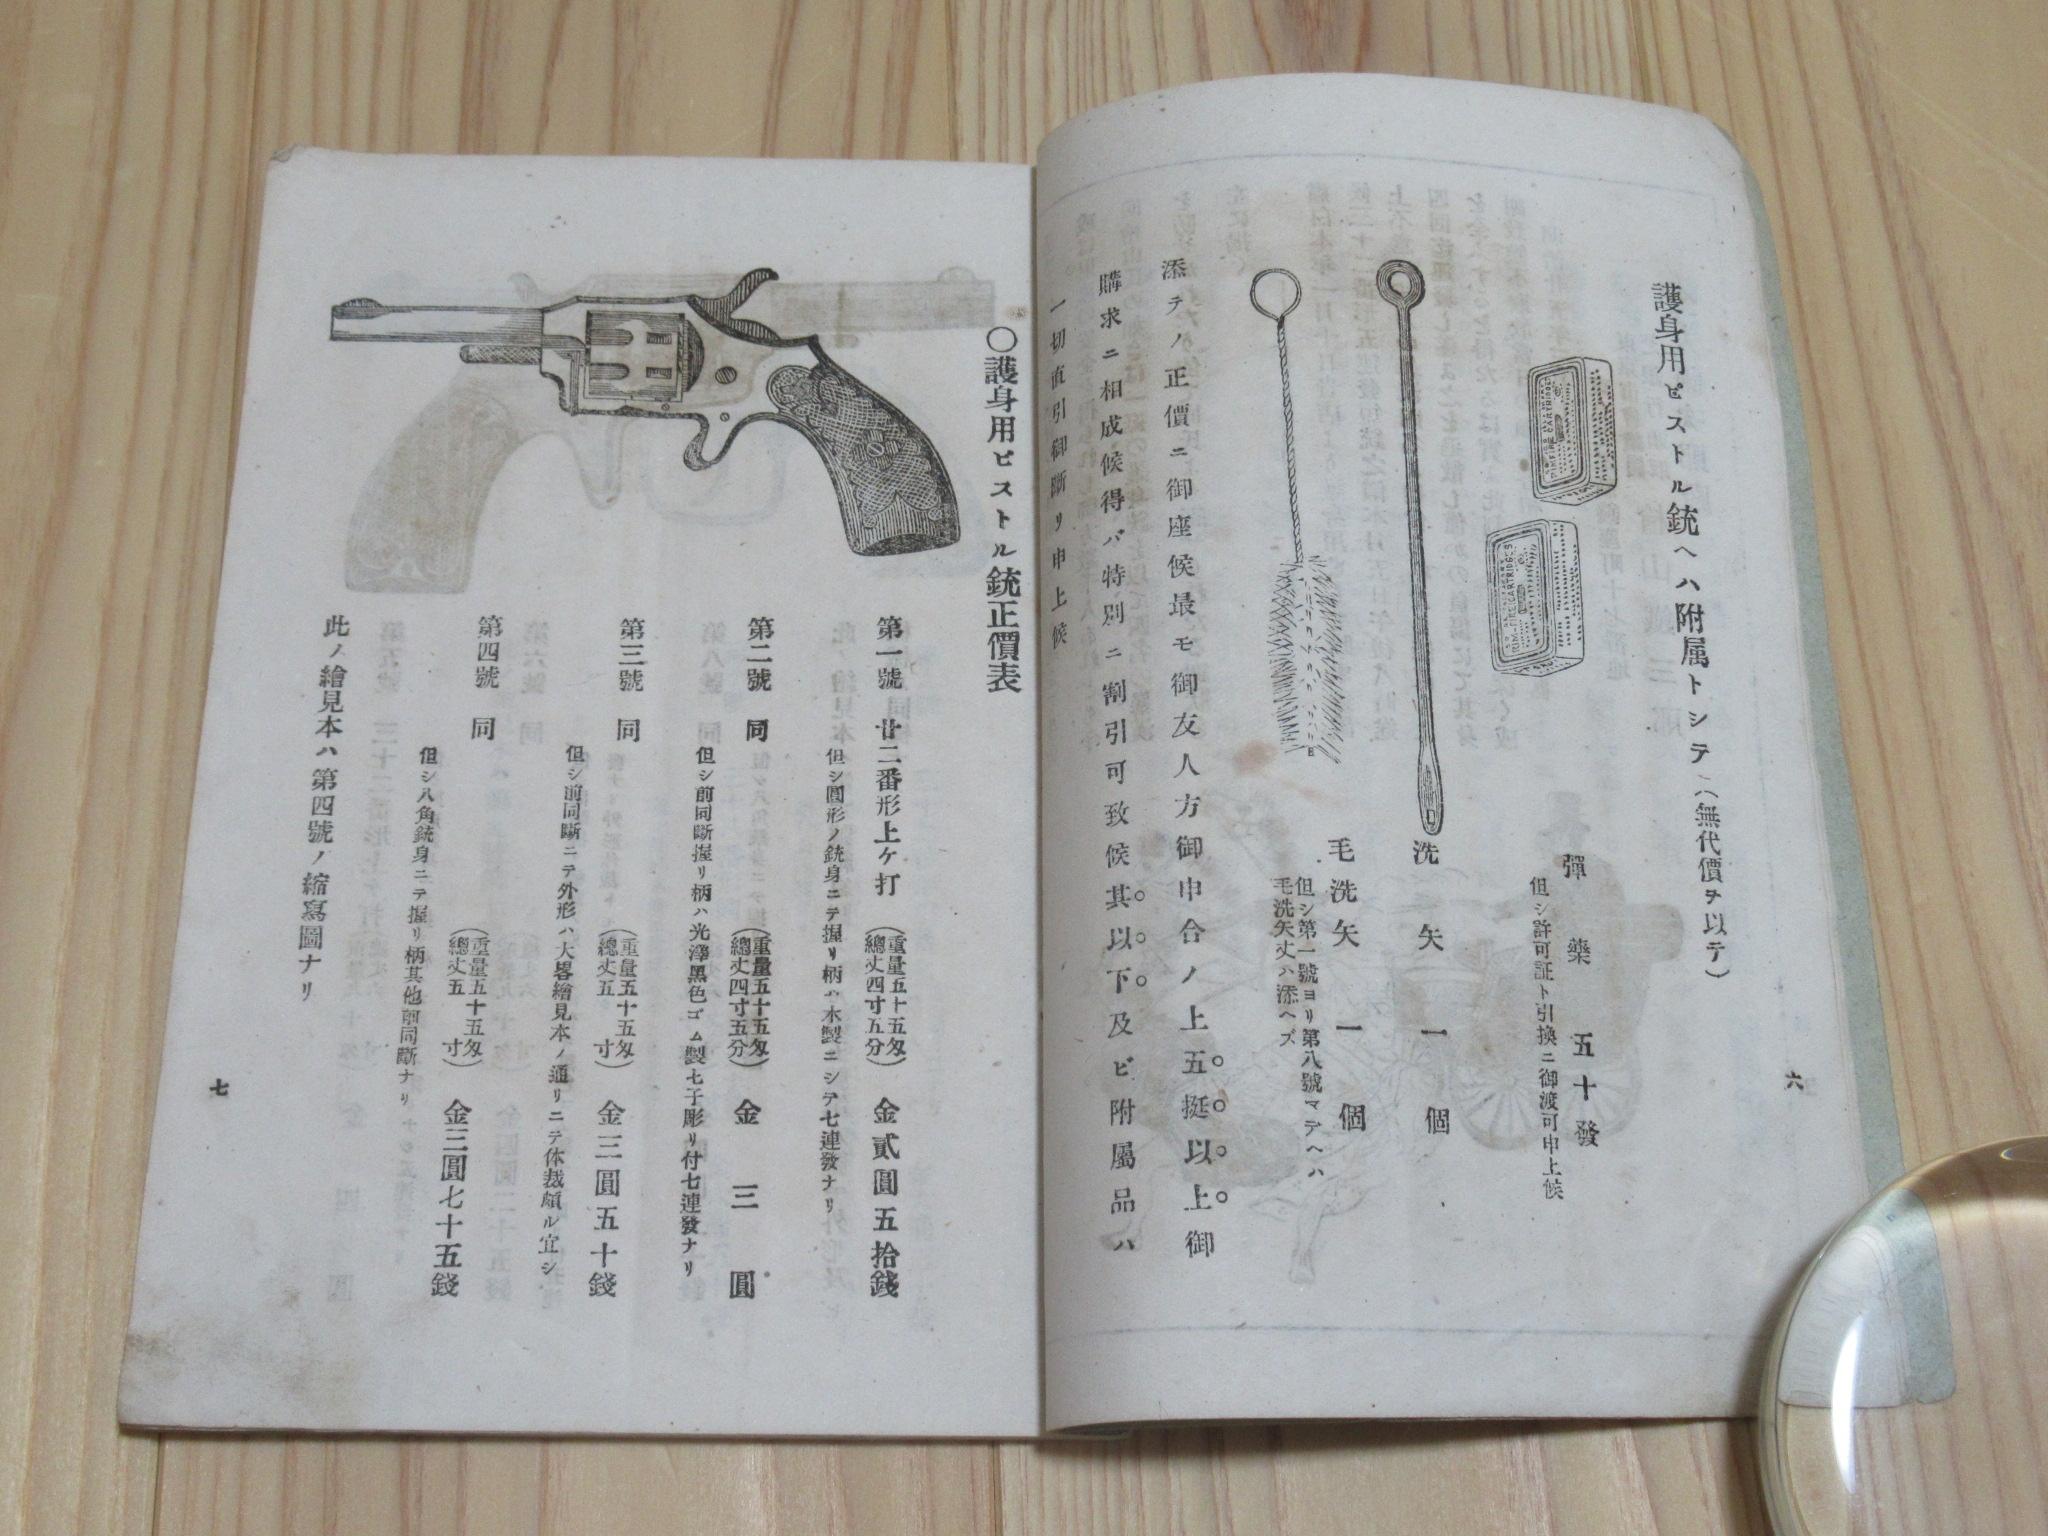 銃砲正価報告書付取扱説明 明治時代 護身用ピストル カタログ